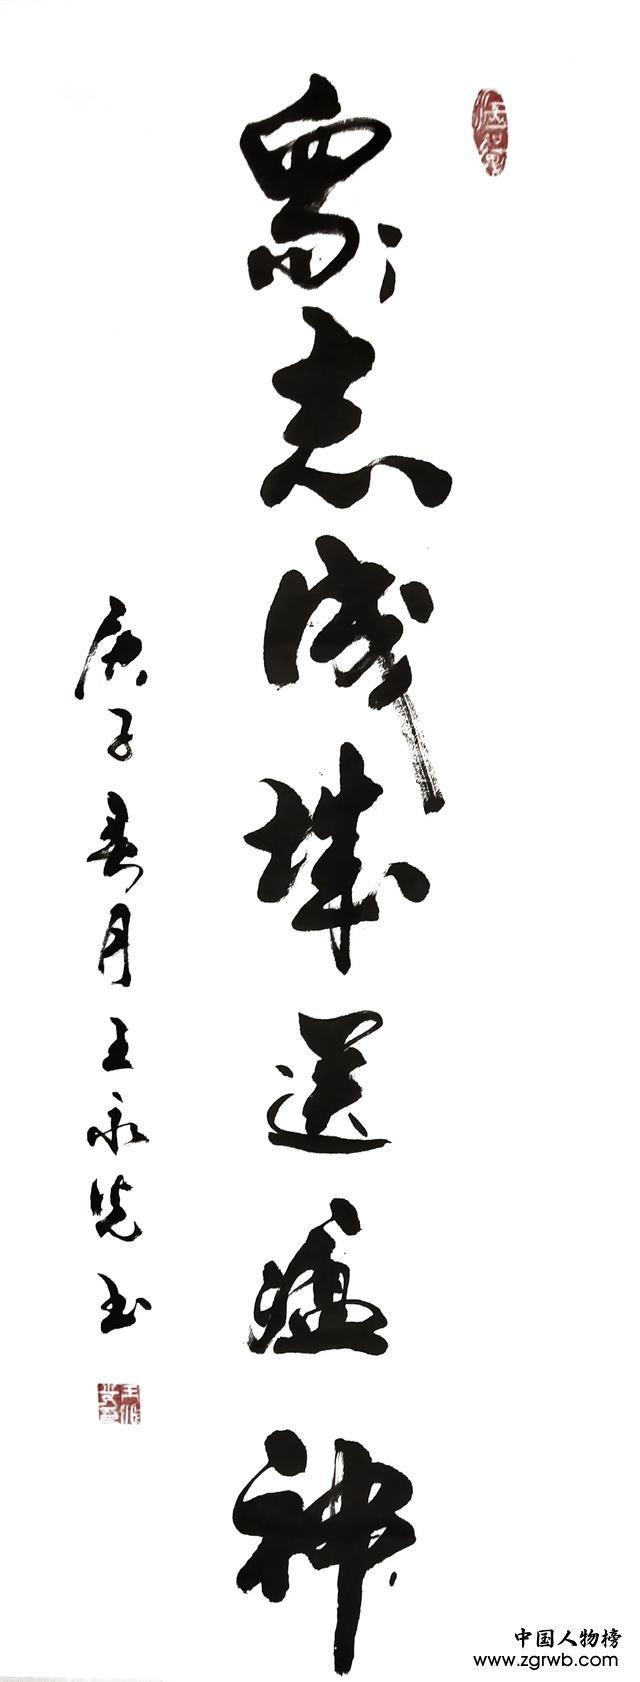 中宣书画院抗疫作品展——王永光